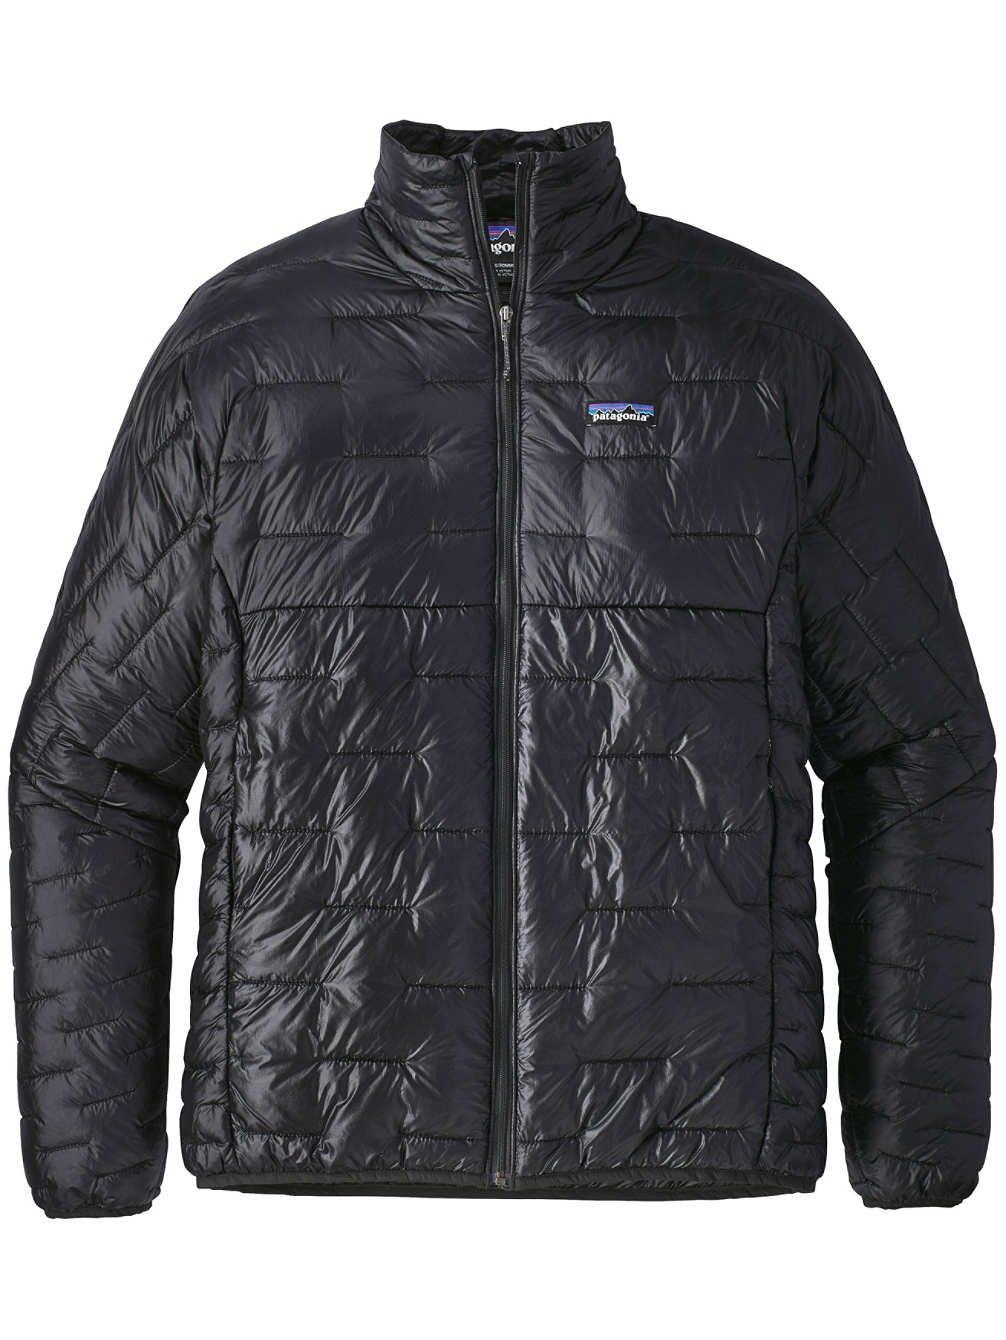 (パタゴニア)patagonia M's Micro Puff Jacket メンズマイクロパフジャケット 84065 B07962ZMK2 US S-(日本サイズM相当)|Black (BLK) Black (BLK) US S-(日本サイズM相当)